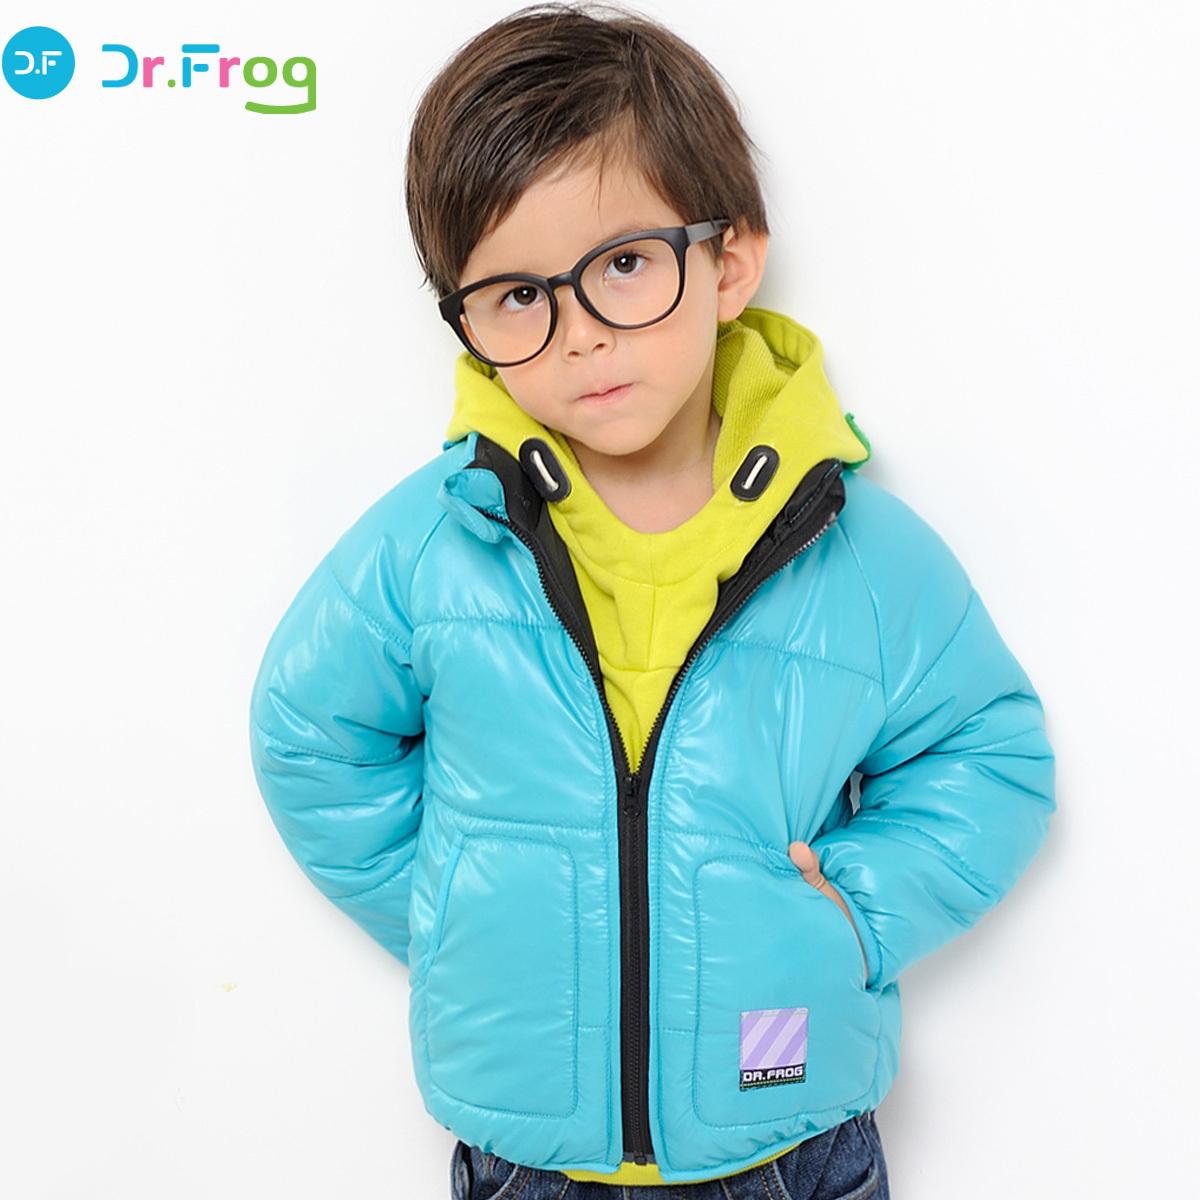 детская верхняя одежда Dr.Frog dpa664106 D.F DF